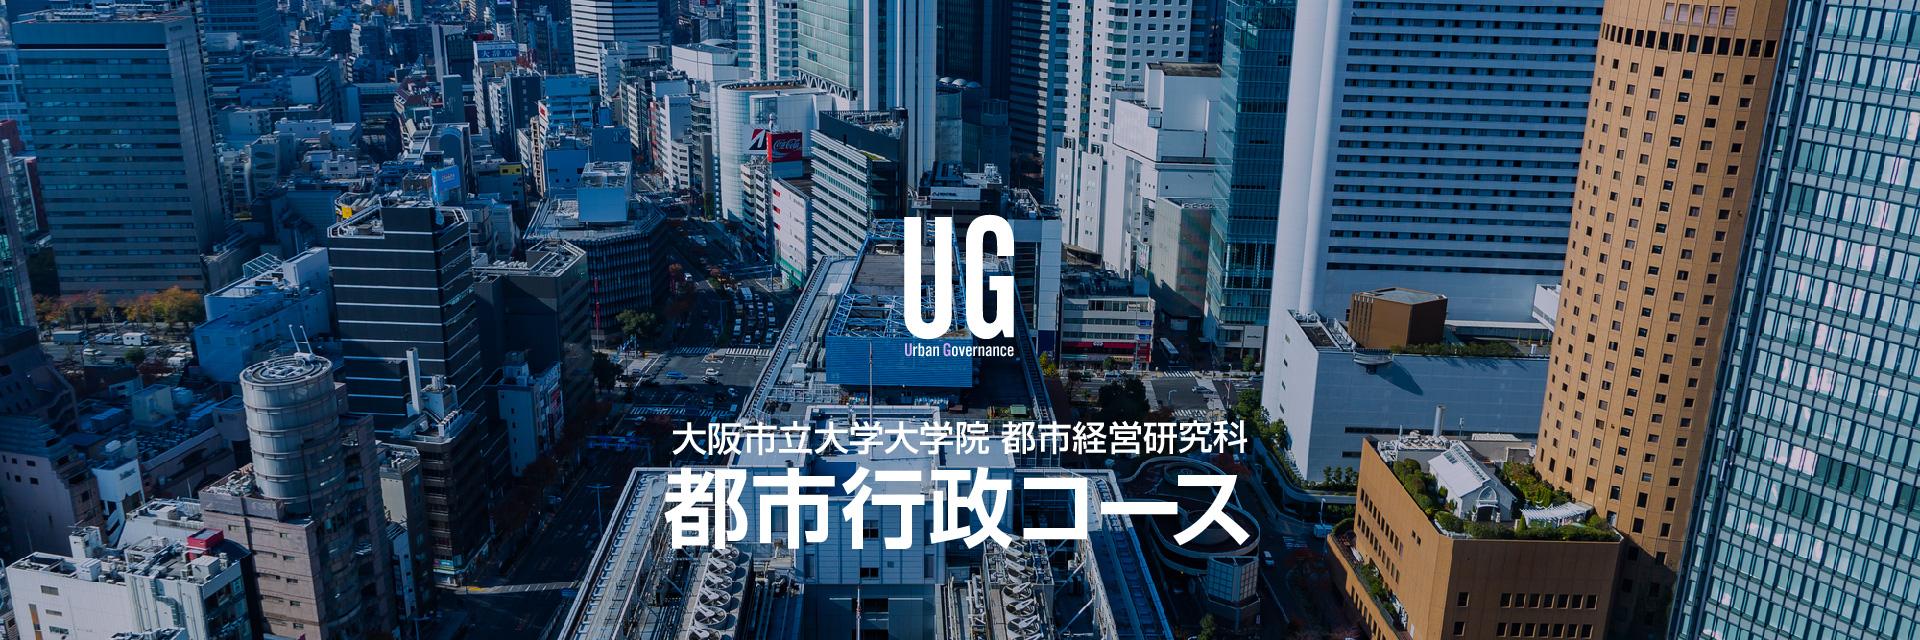 大阪市立大学大学院 都市経営研究科 都市行政コース